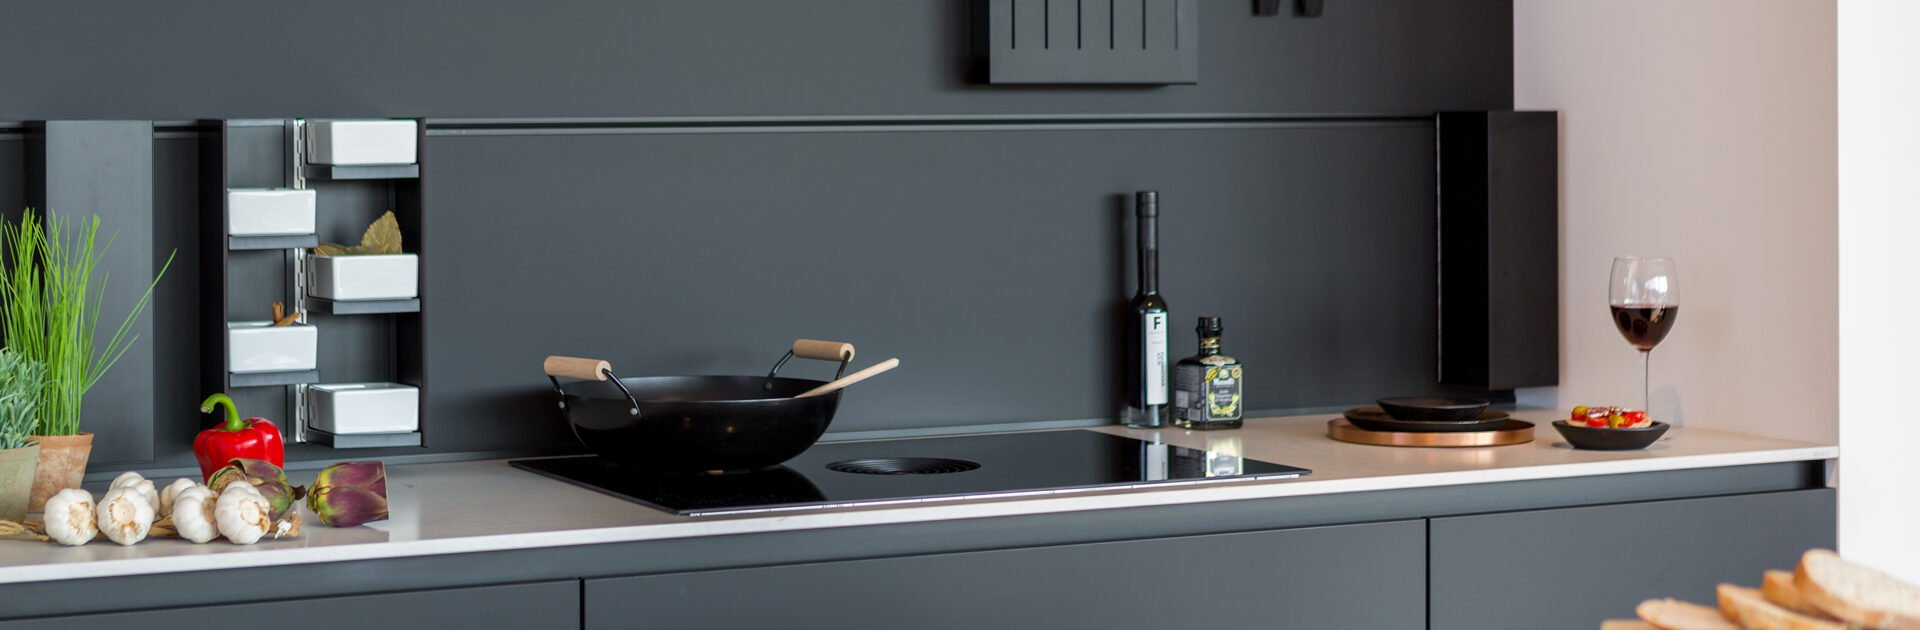 Voordelen inductie met geïntegreerd afzuigsysteem | Satink Keukens